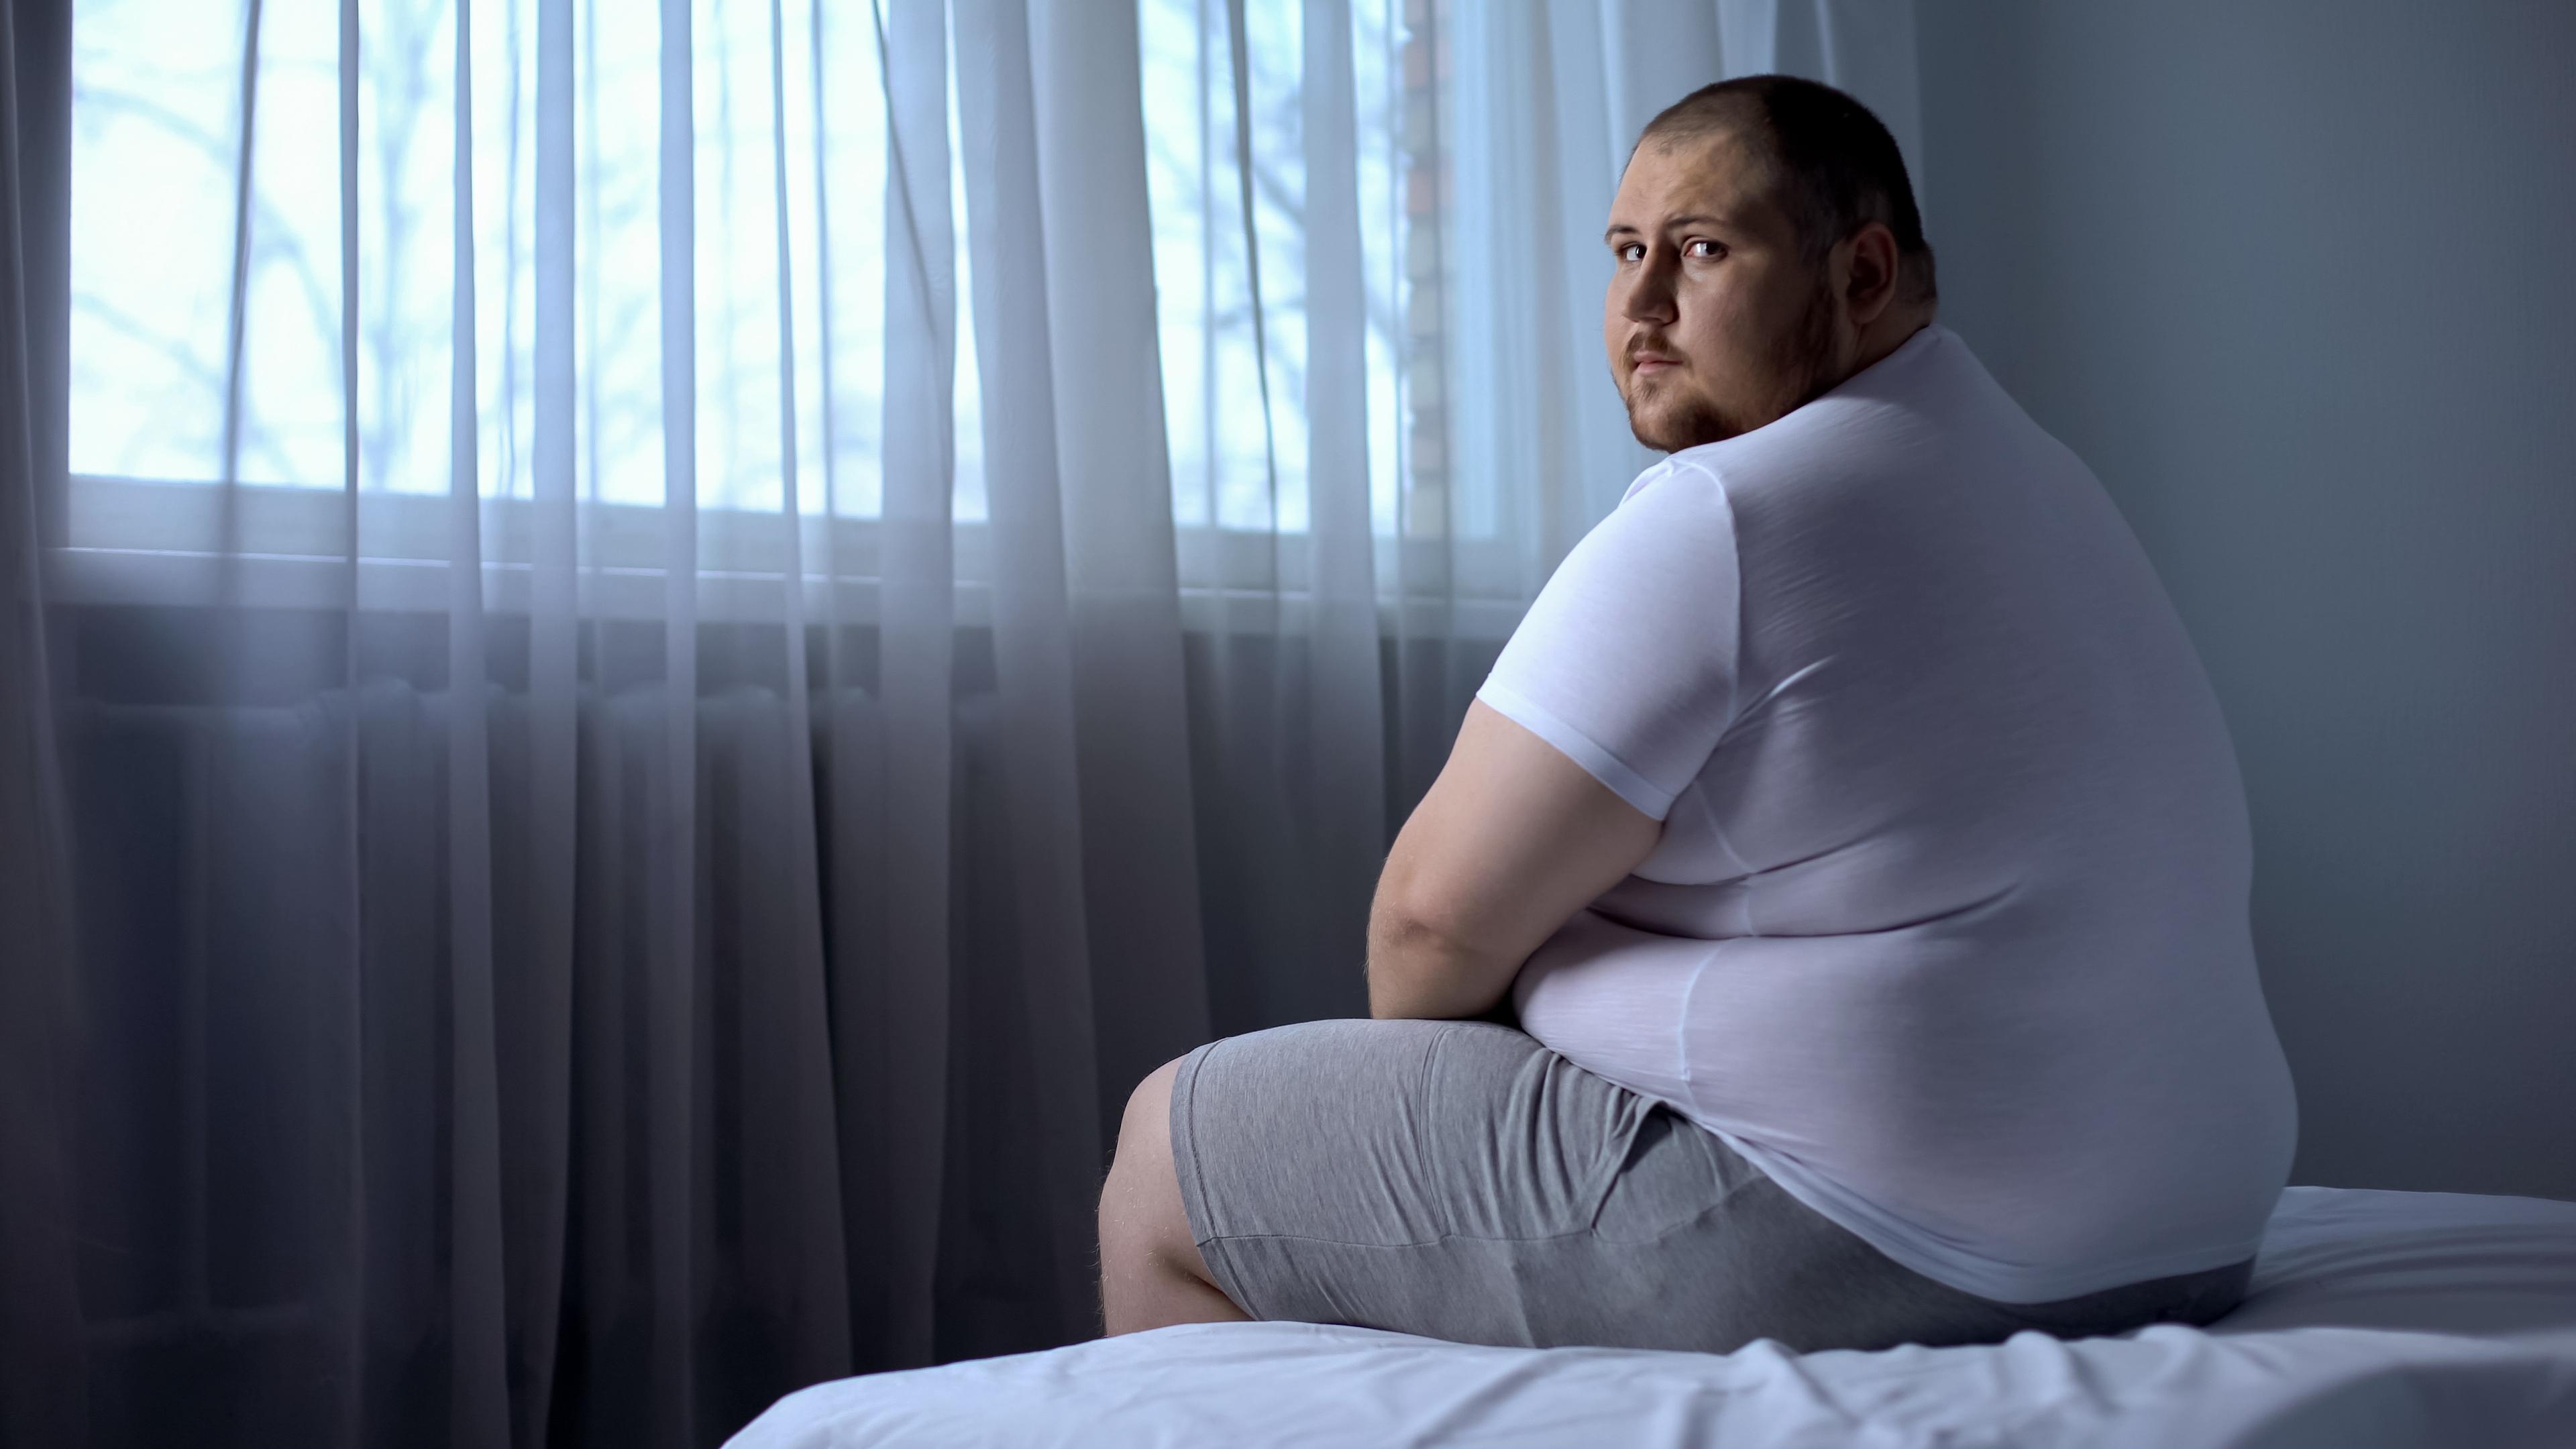 Obesidade x sobrepeso: você sabe a diferença?